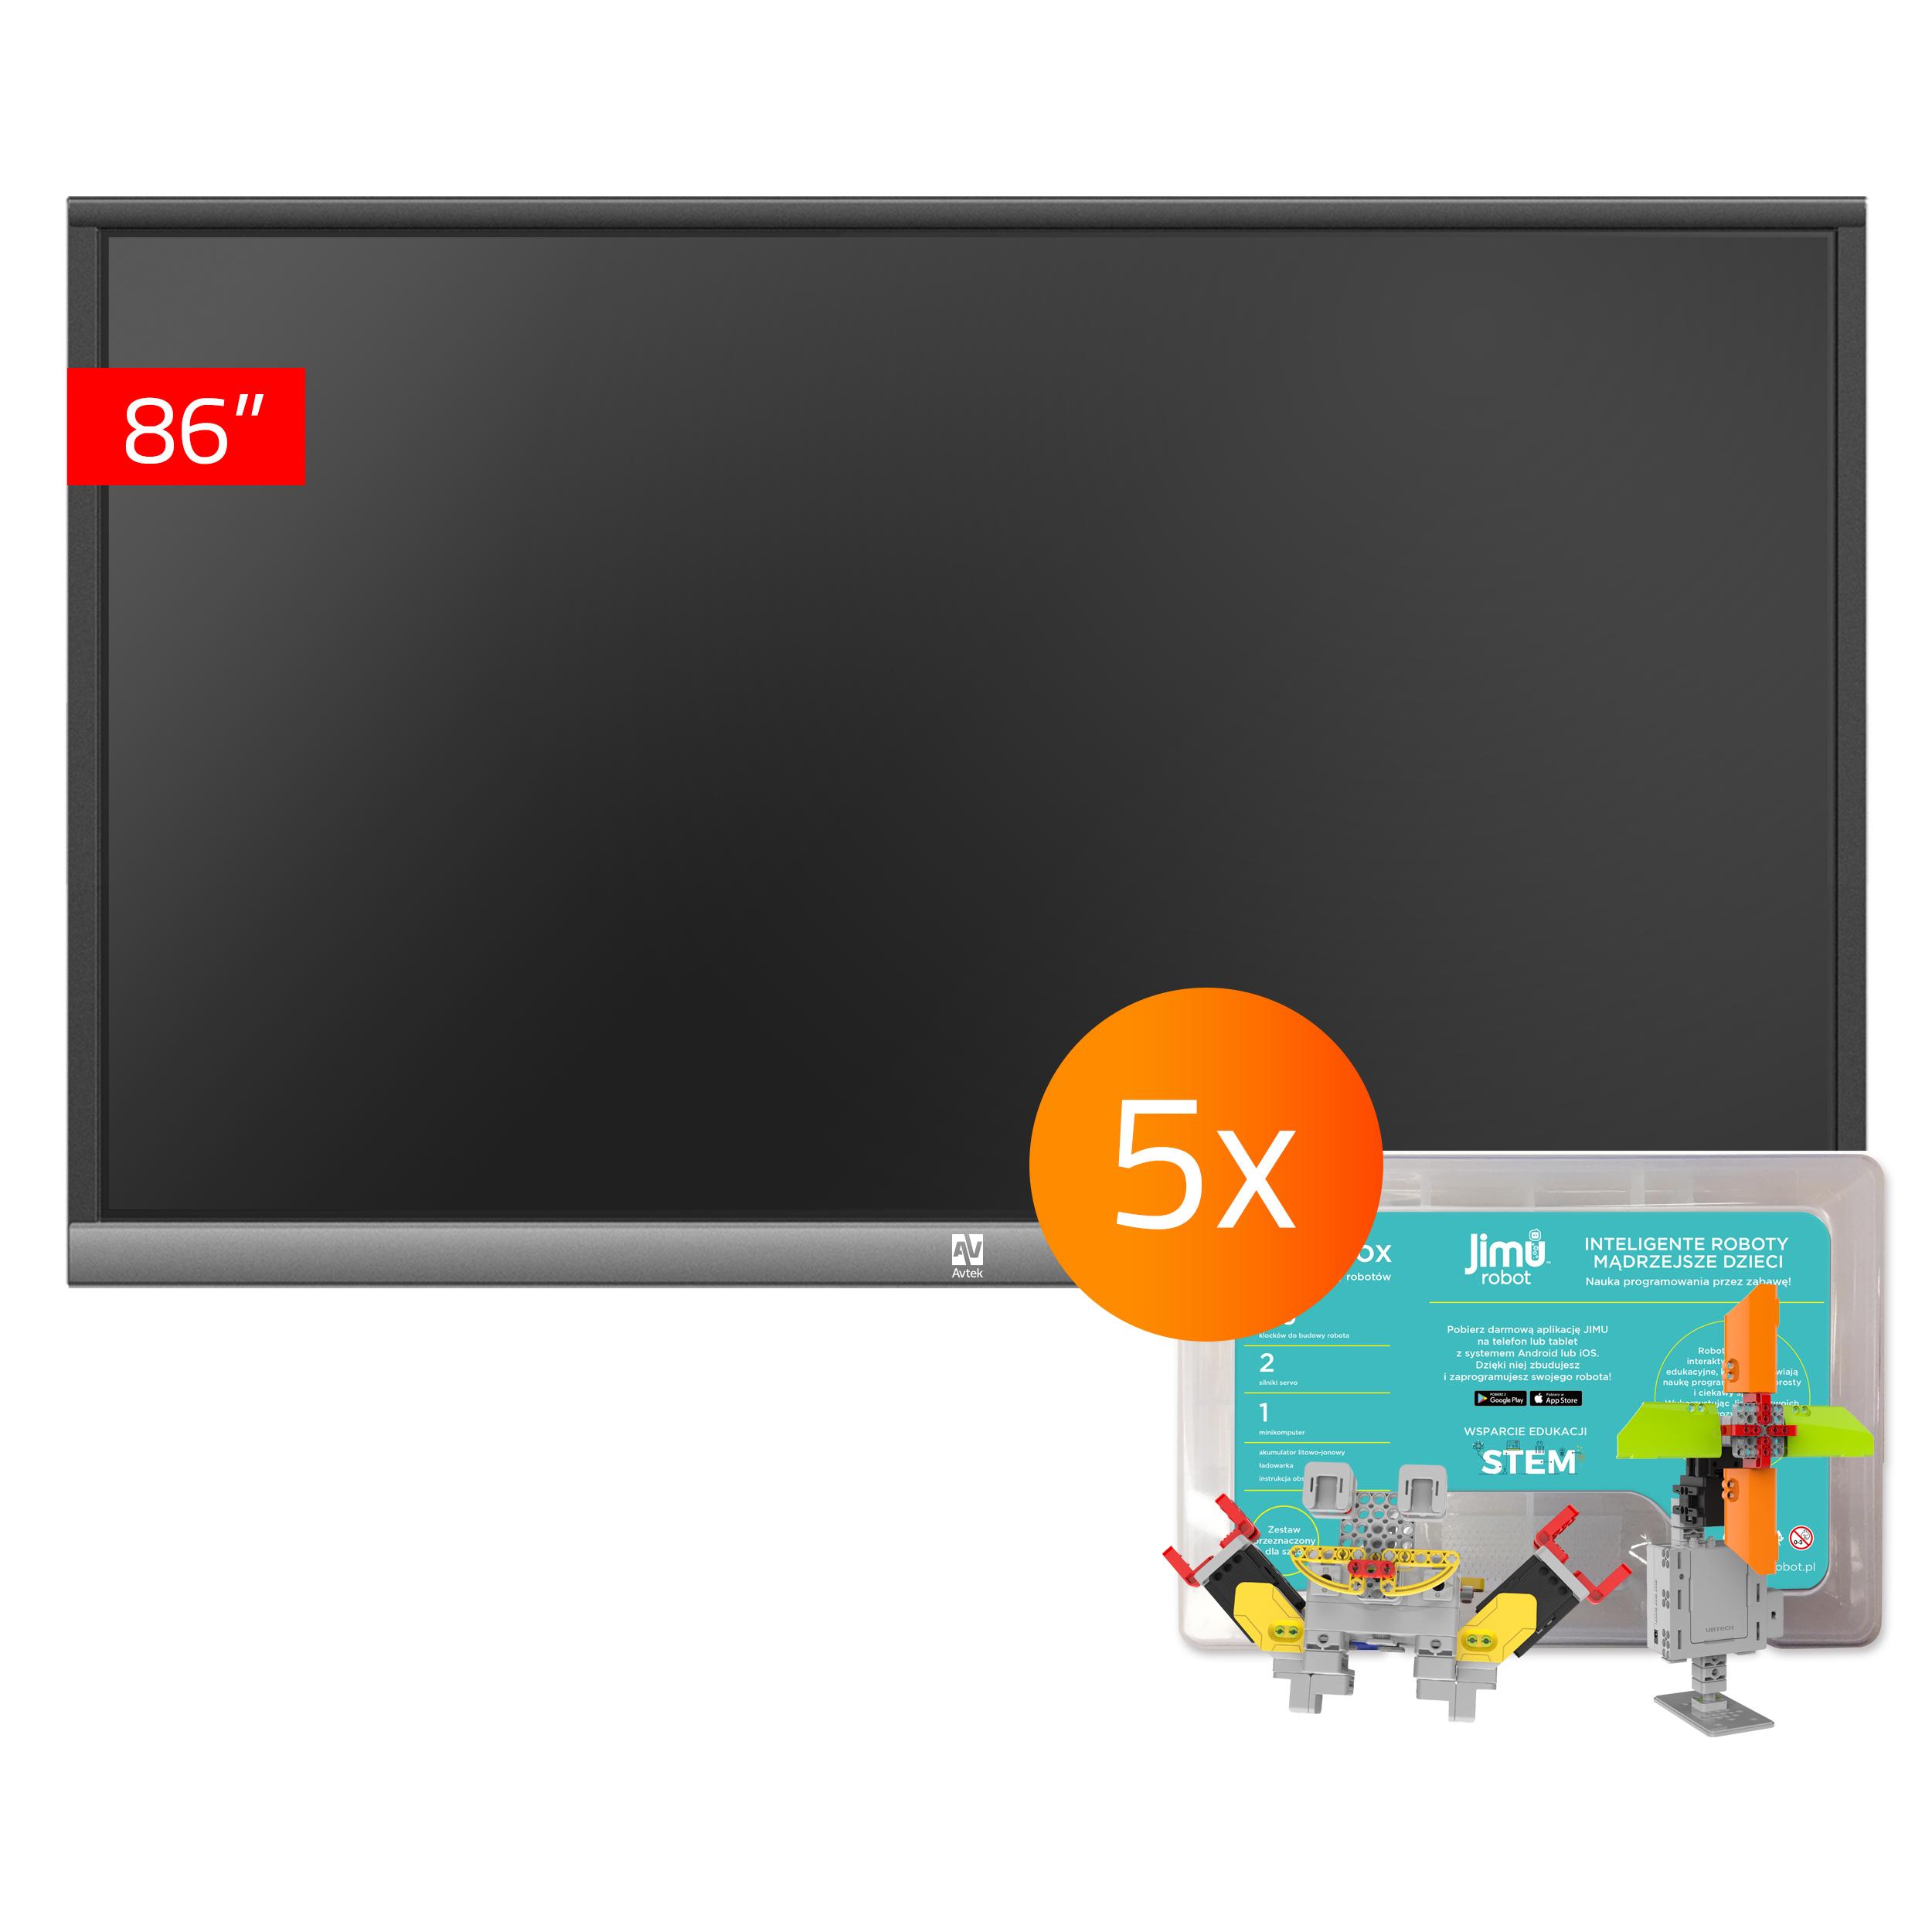 Zestaw 16 - 1x TouchScreen 5 Lite 86, 5x Jimu Box